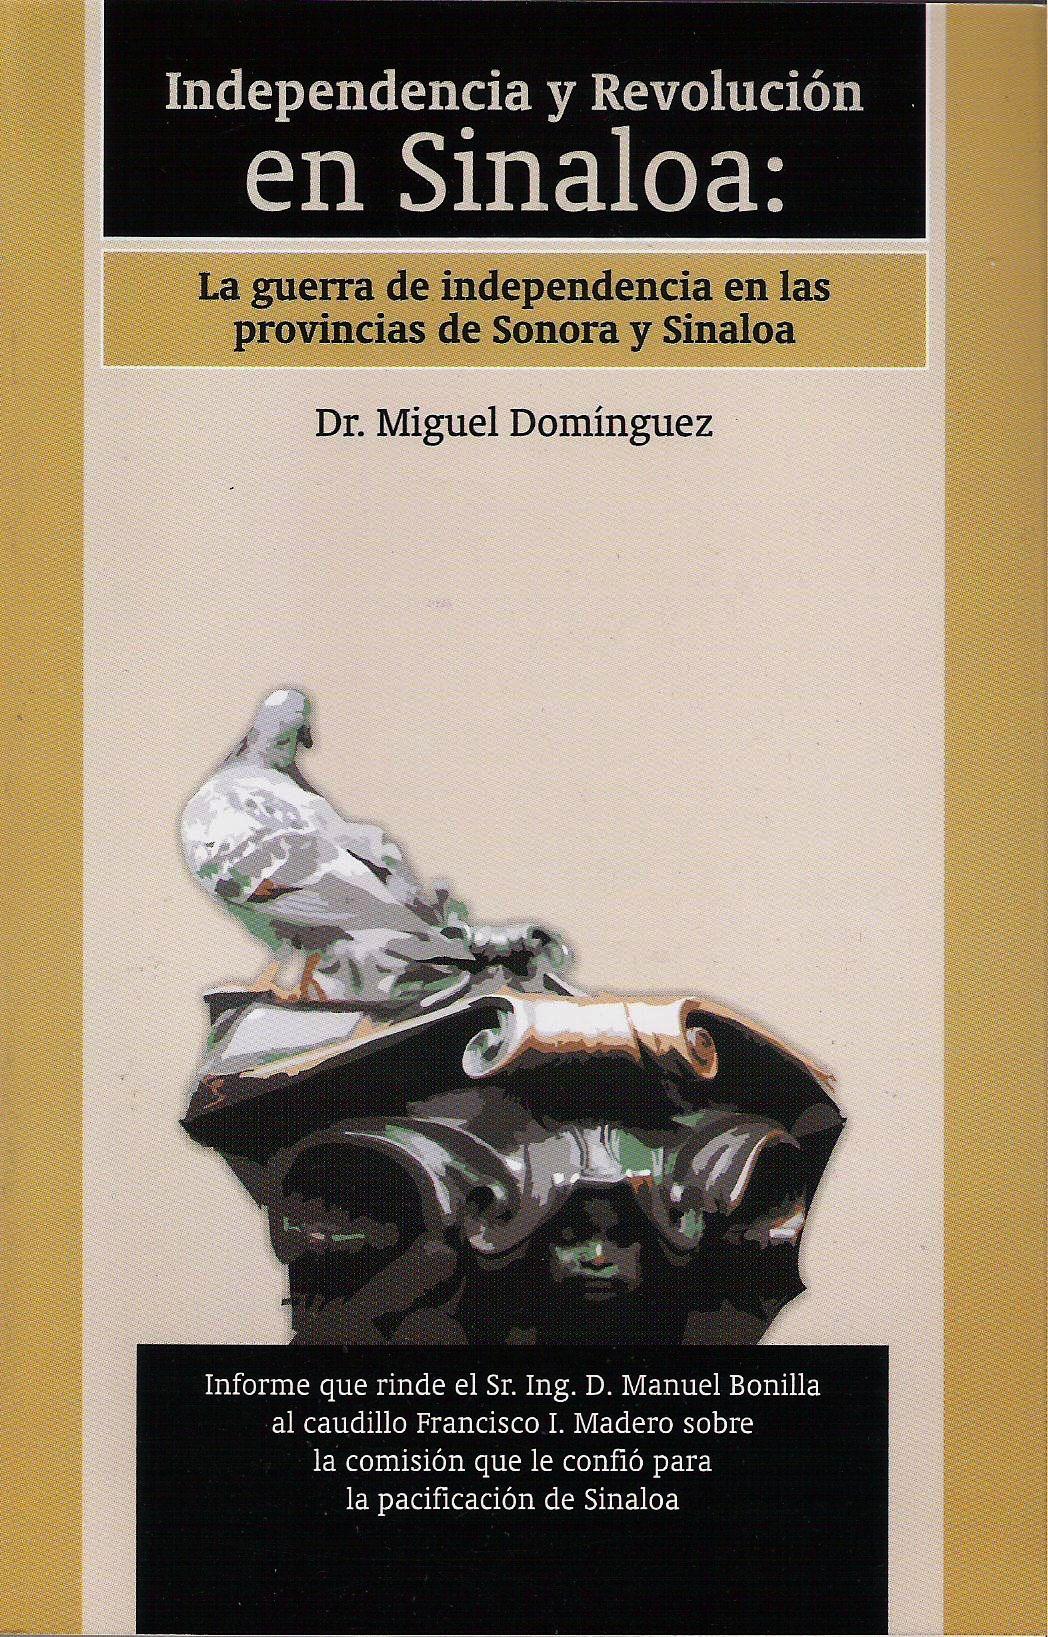 Independencia y Revoluci¢n en Sinaloa